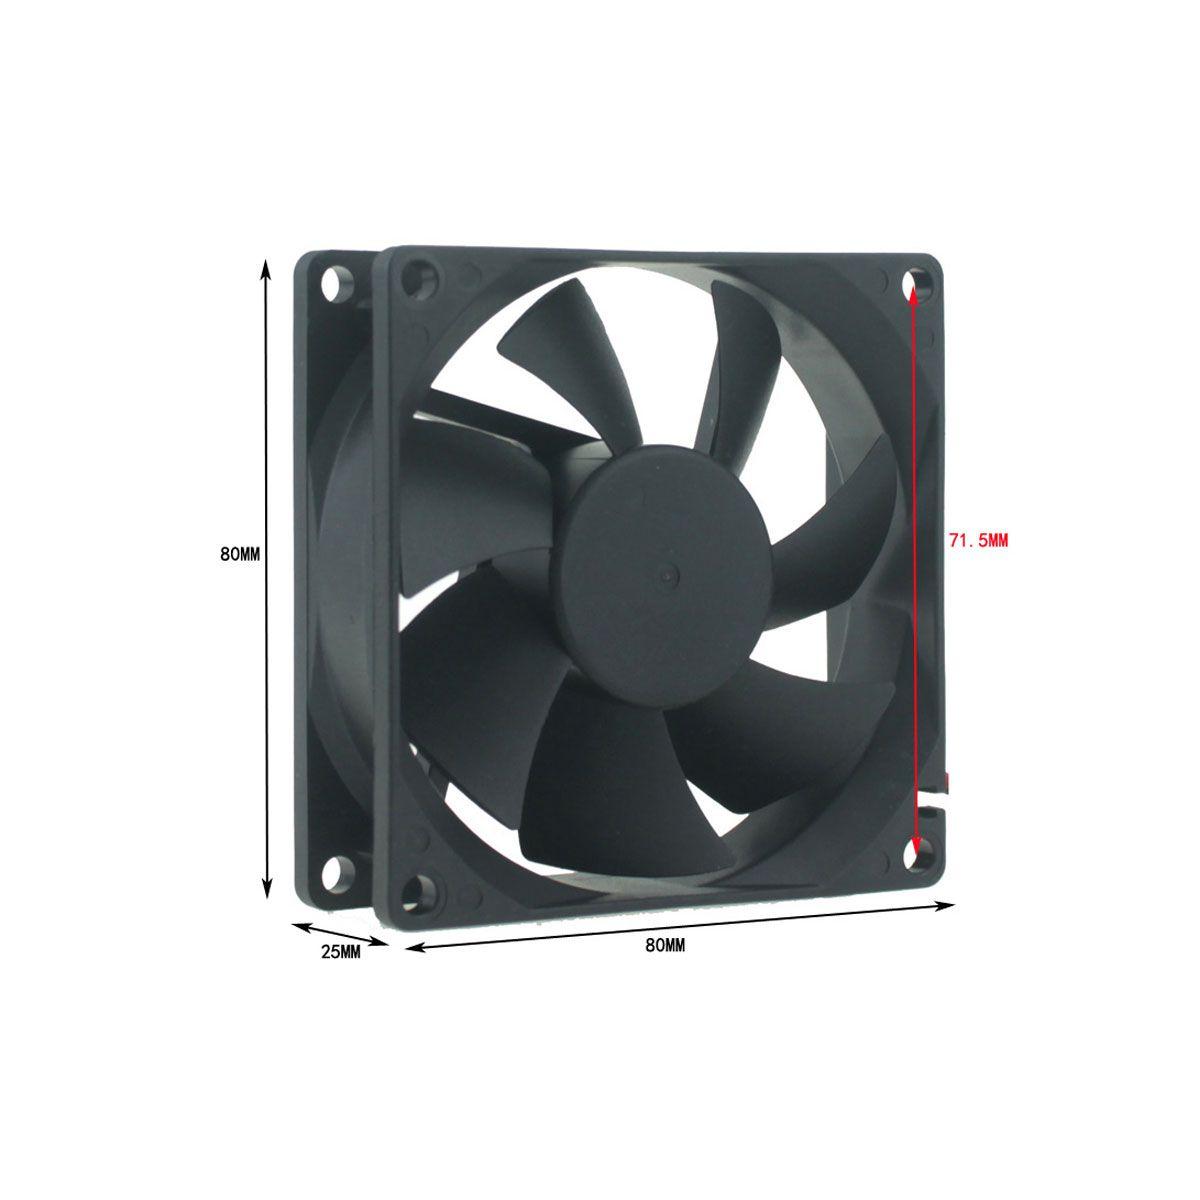 Micro Ventilador / Cooler / Ventoinha 80x80x25mm 24v Chocadeira